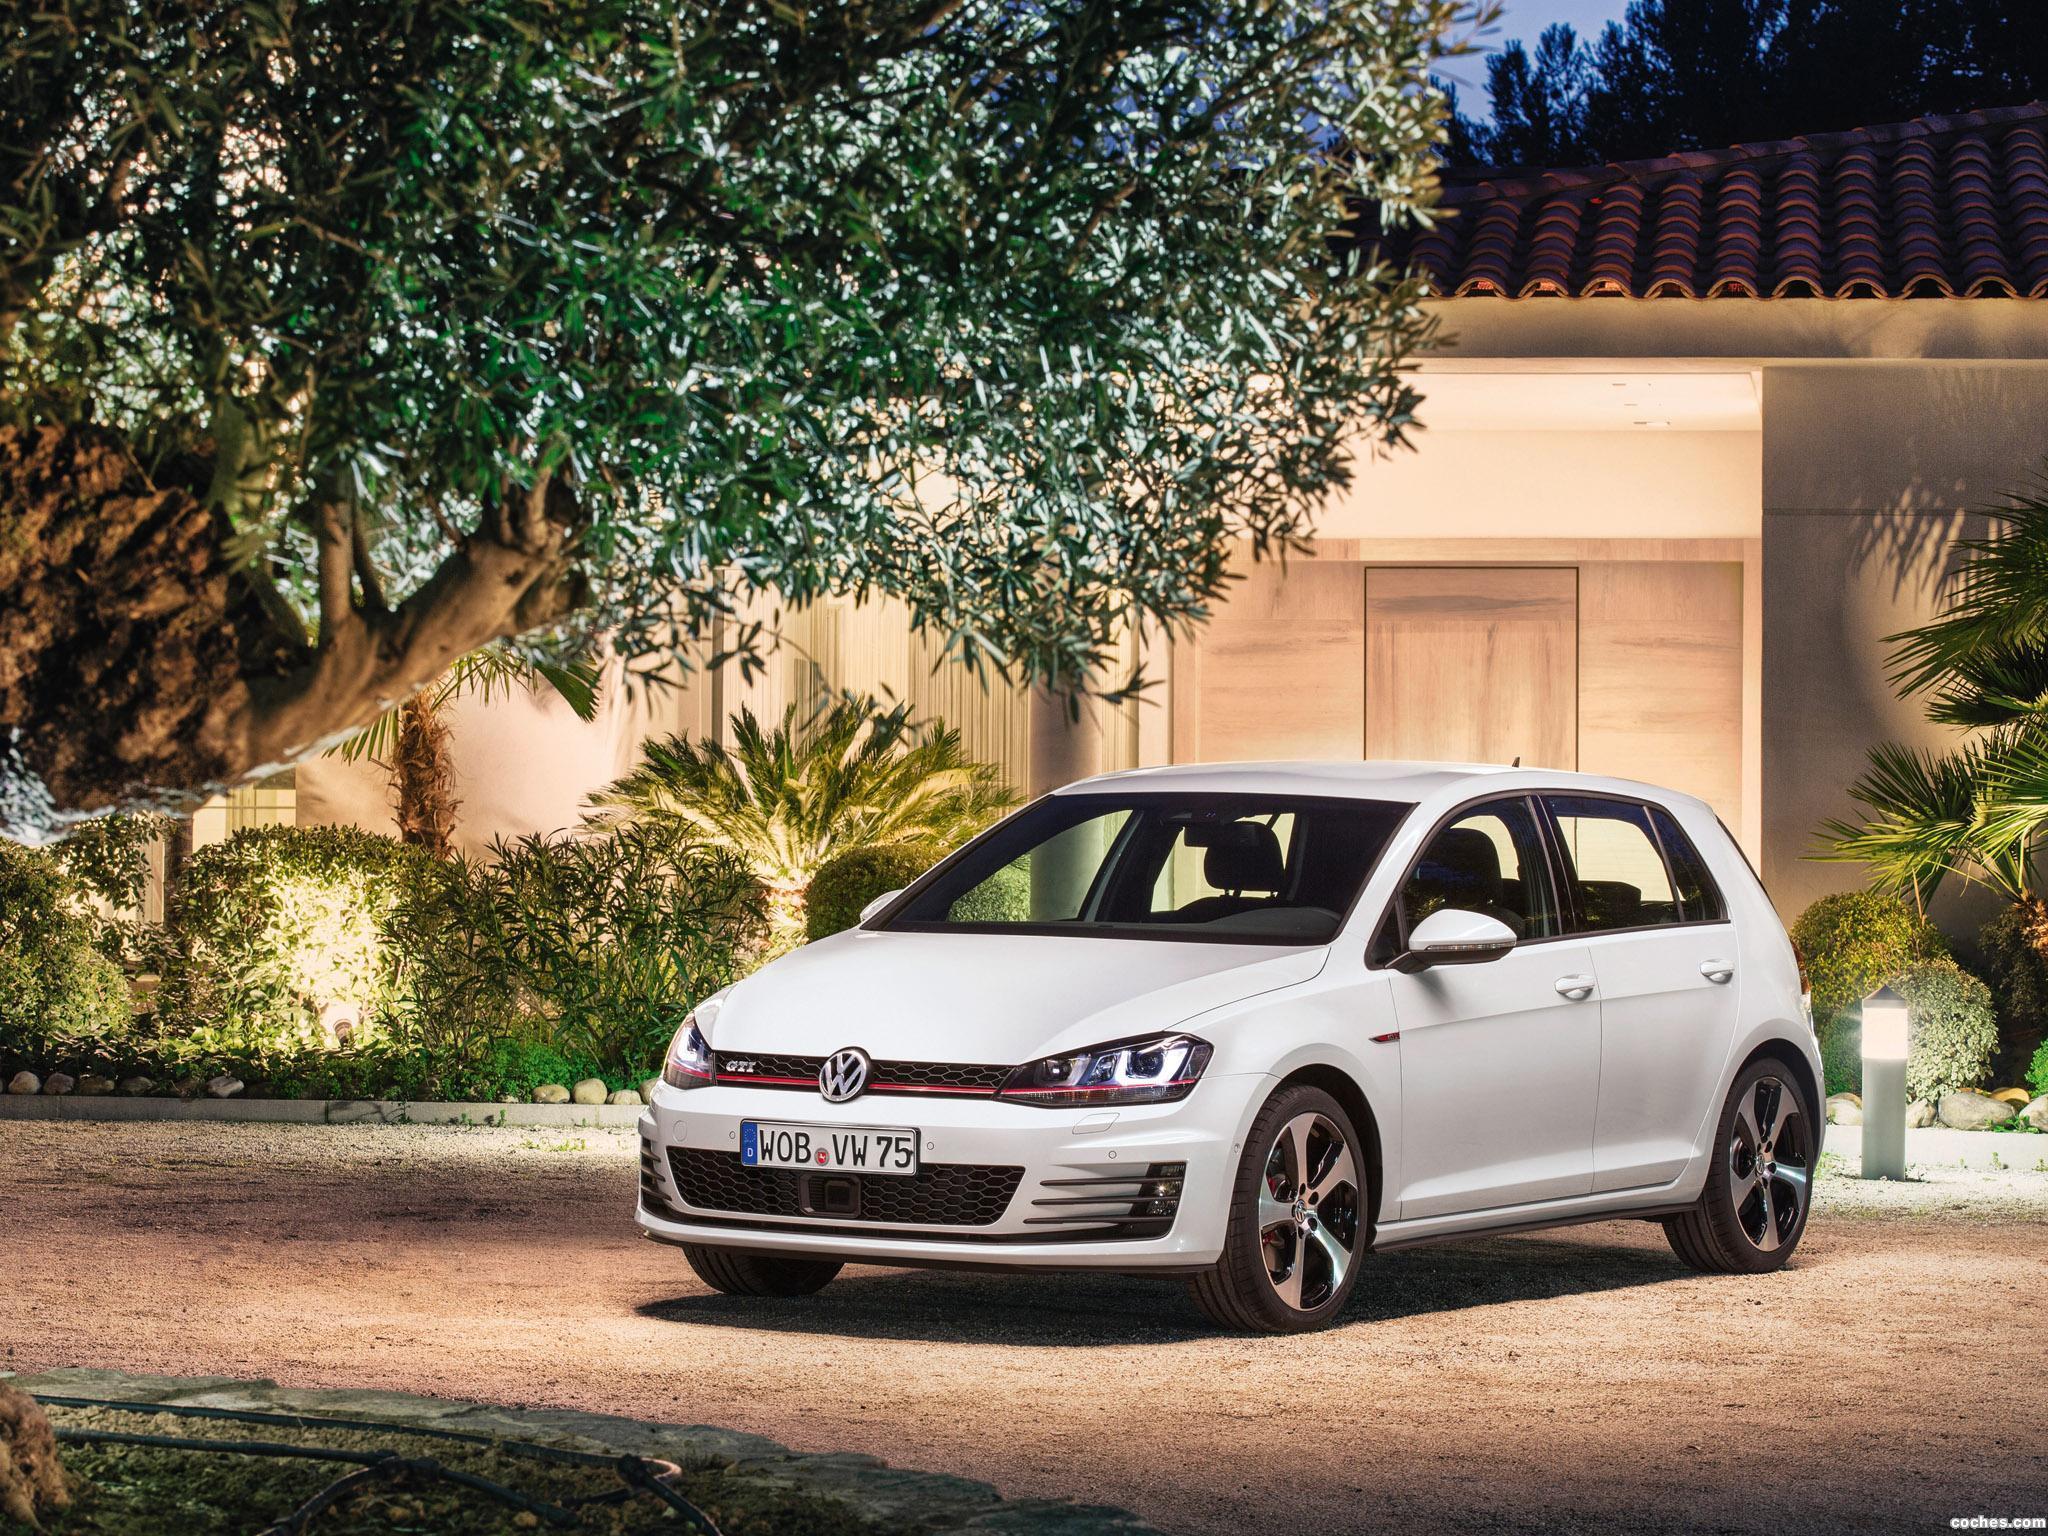 Foto 3 de Volkswagen Golf 7 GTI 5 puertas 2013